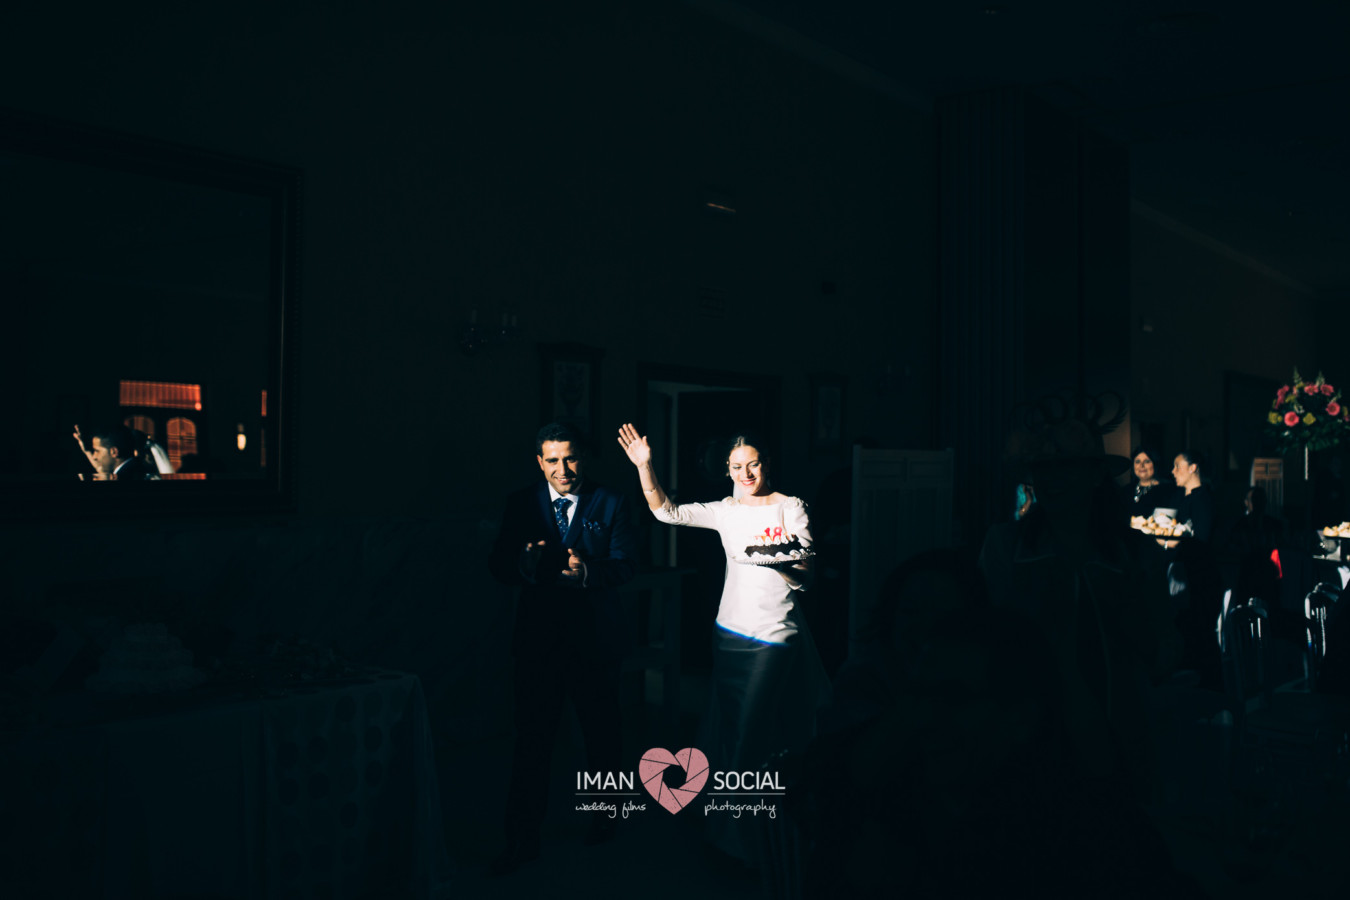 fotografo-de-boda-en-cordoba-sevilla-posadas-boda-auxi-y-antonio-35 Auxi & Antonio, primera boda de la temporada - video boda cordoba